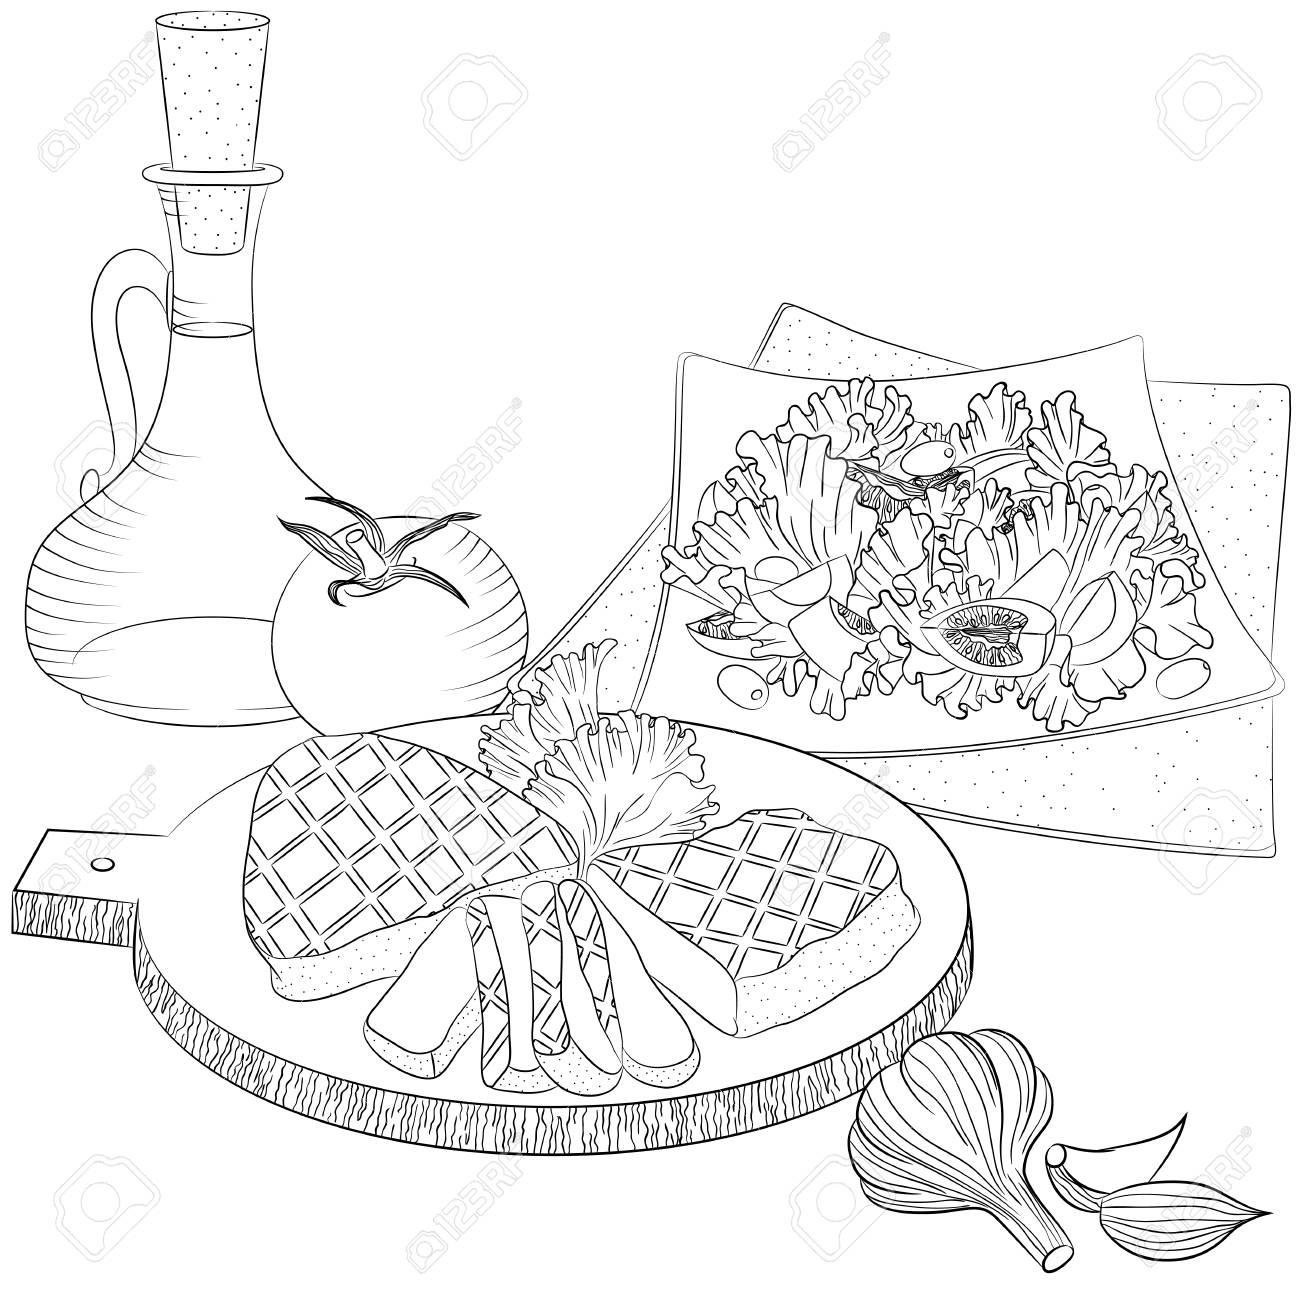 Ilustración De Vector Línea Arte Con Alimentos Bodegón Con Carne Aceite De Oliva Y Ensalada Ilustración Para El Menú Libro De Cocina O Libro Para